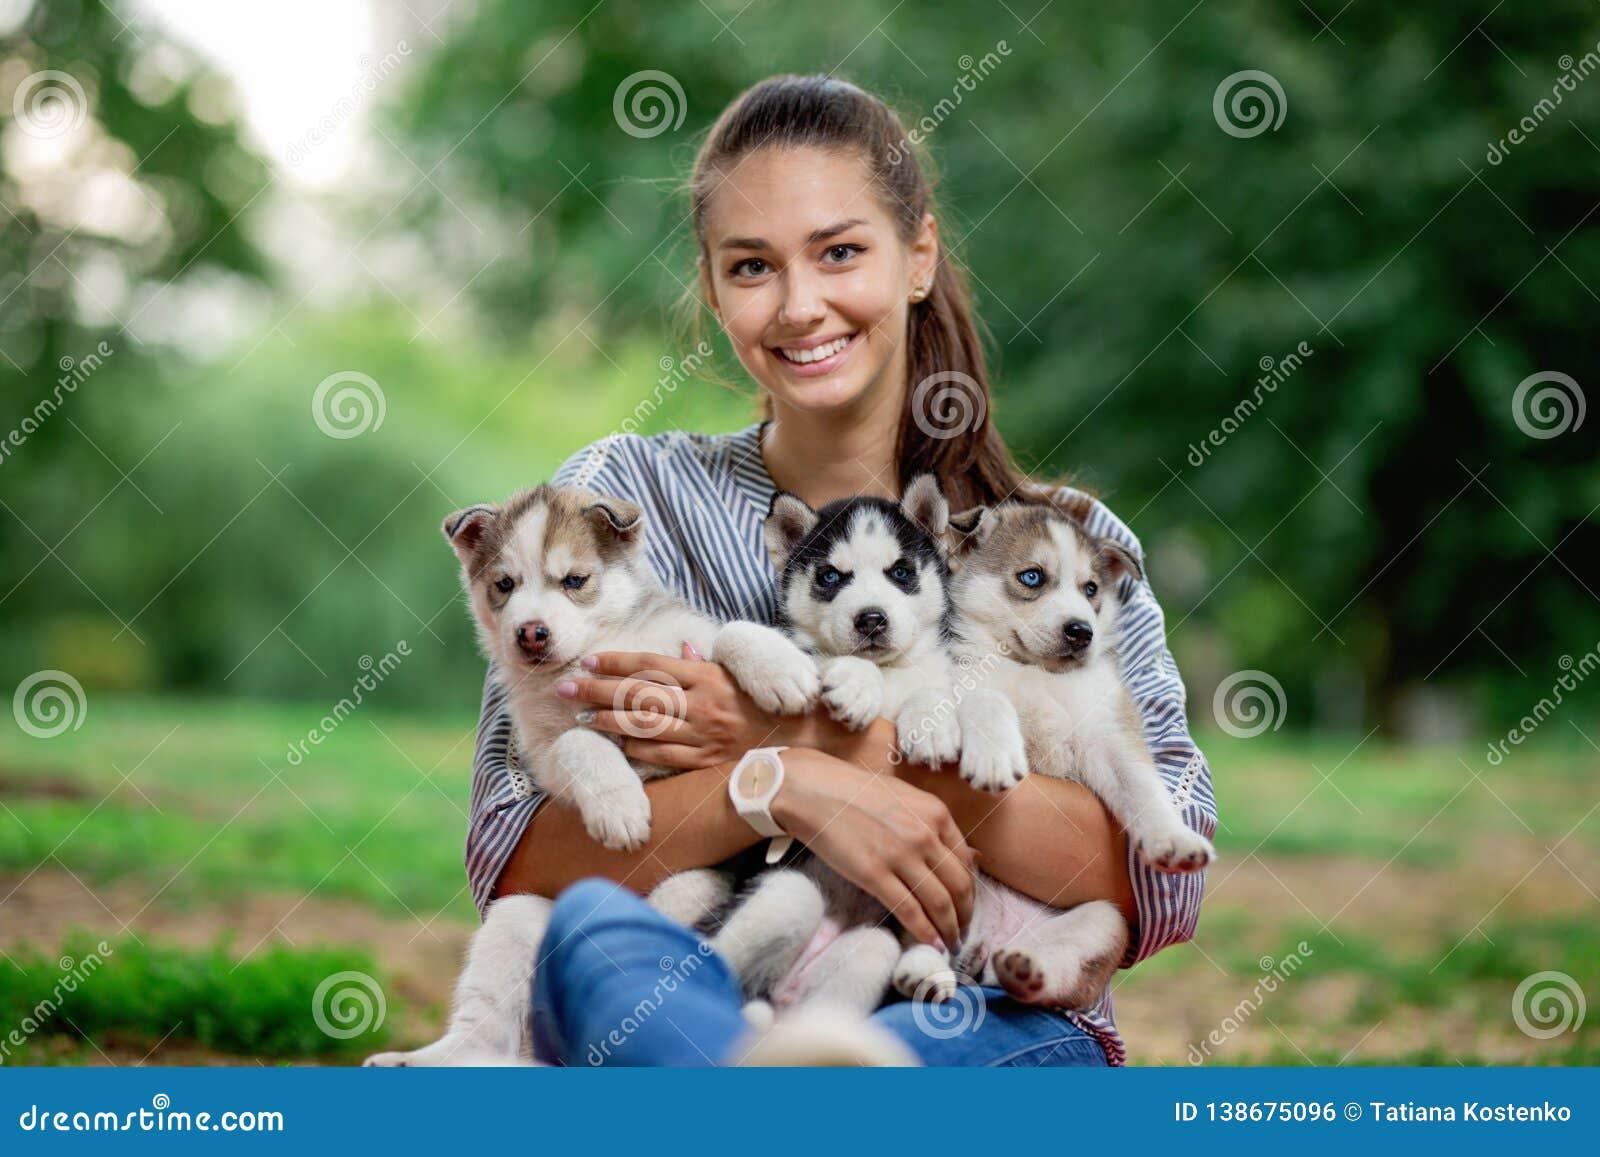 En härlig le kvinna med en hästsvans och att bära en randig skjorta rymmer tre söta skrovliga valpar på gräsmattan